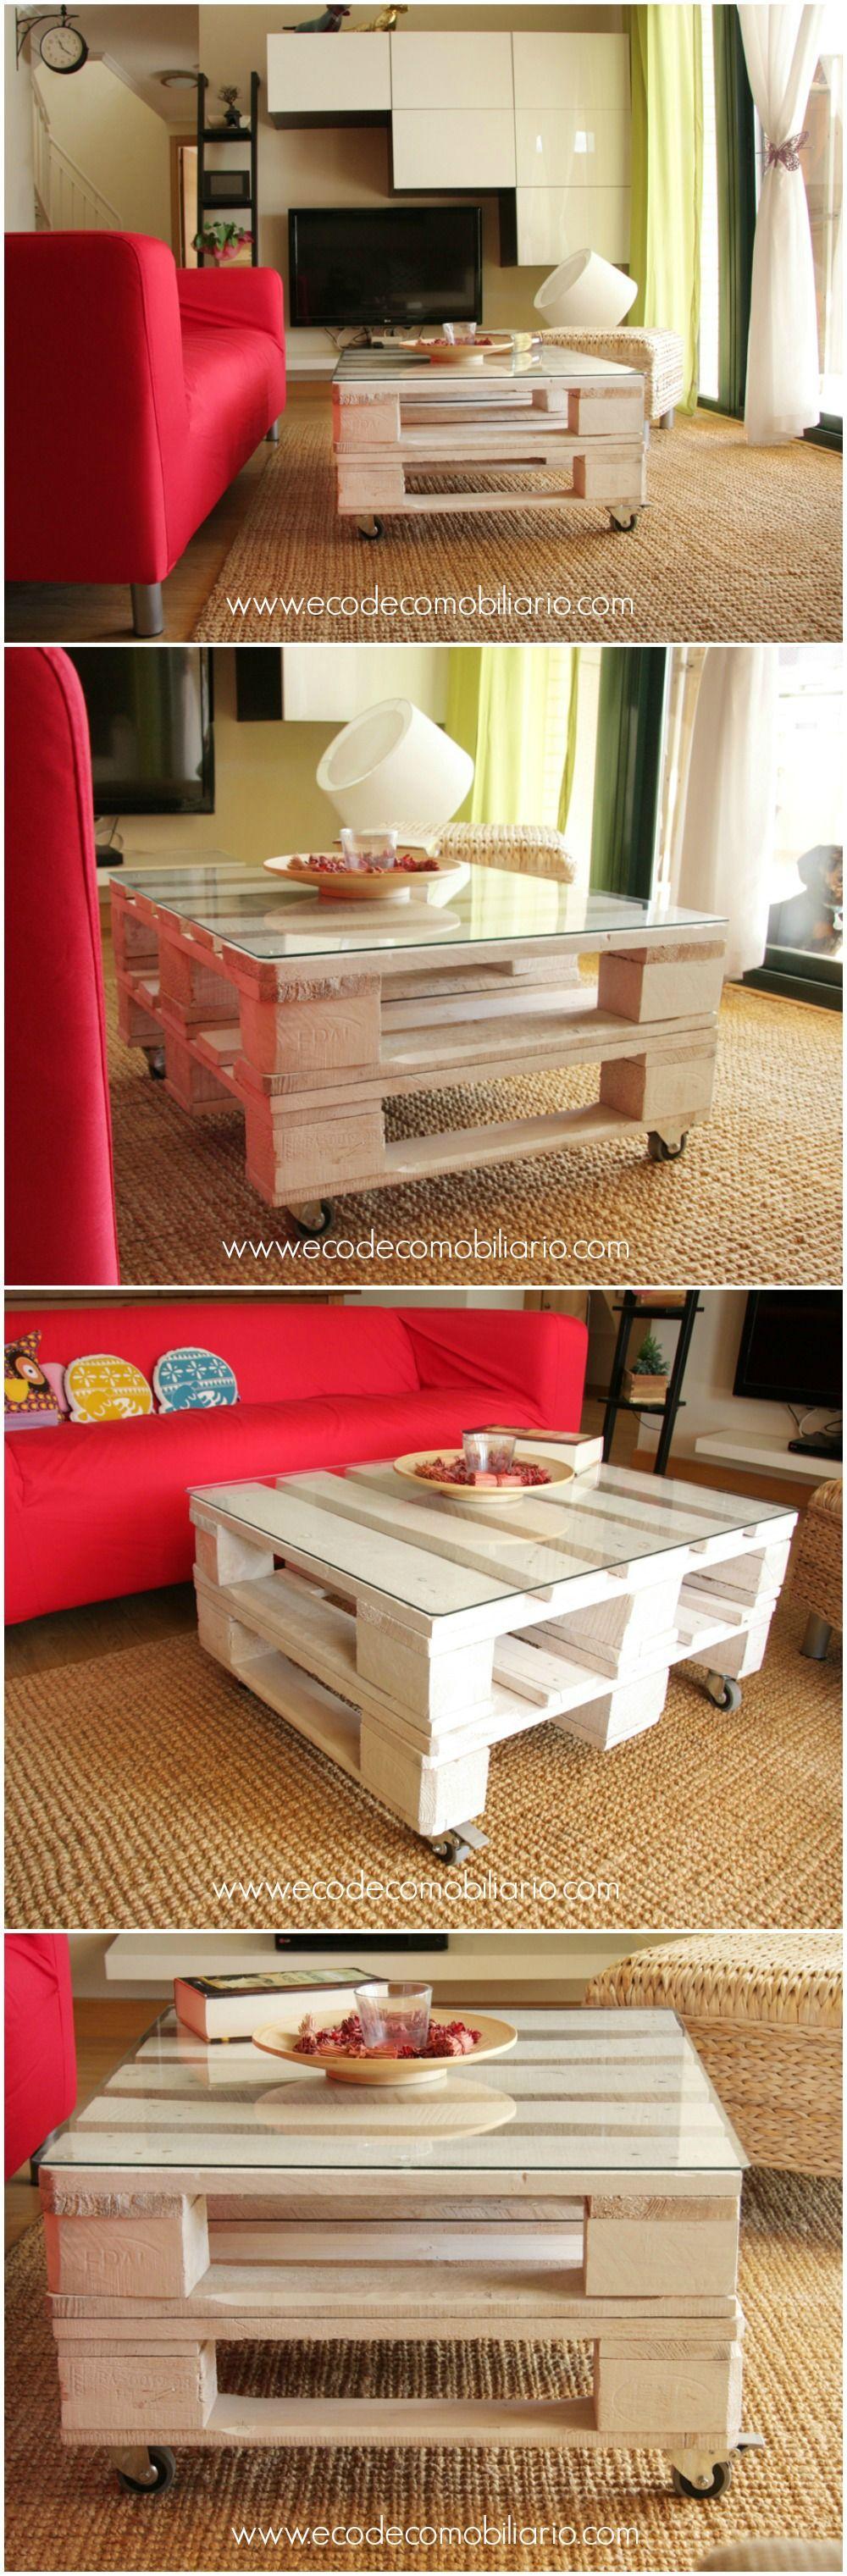 Teide mesa palets 80x68 cm 2 alturas productos ecodeco pinterest mesas mesas con palets - Mesas de pale ...